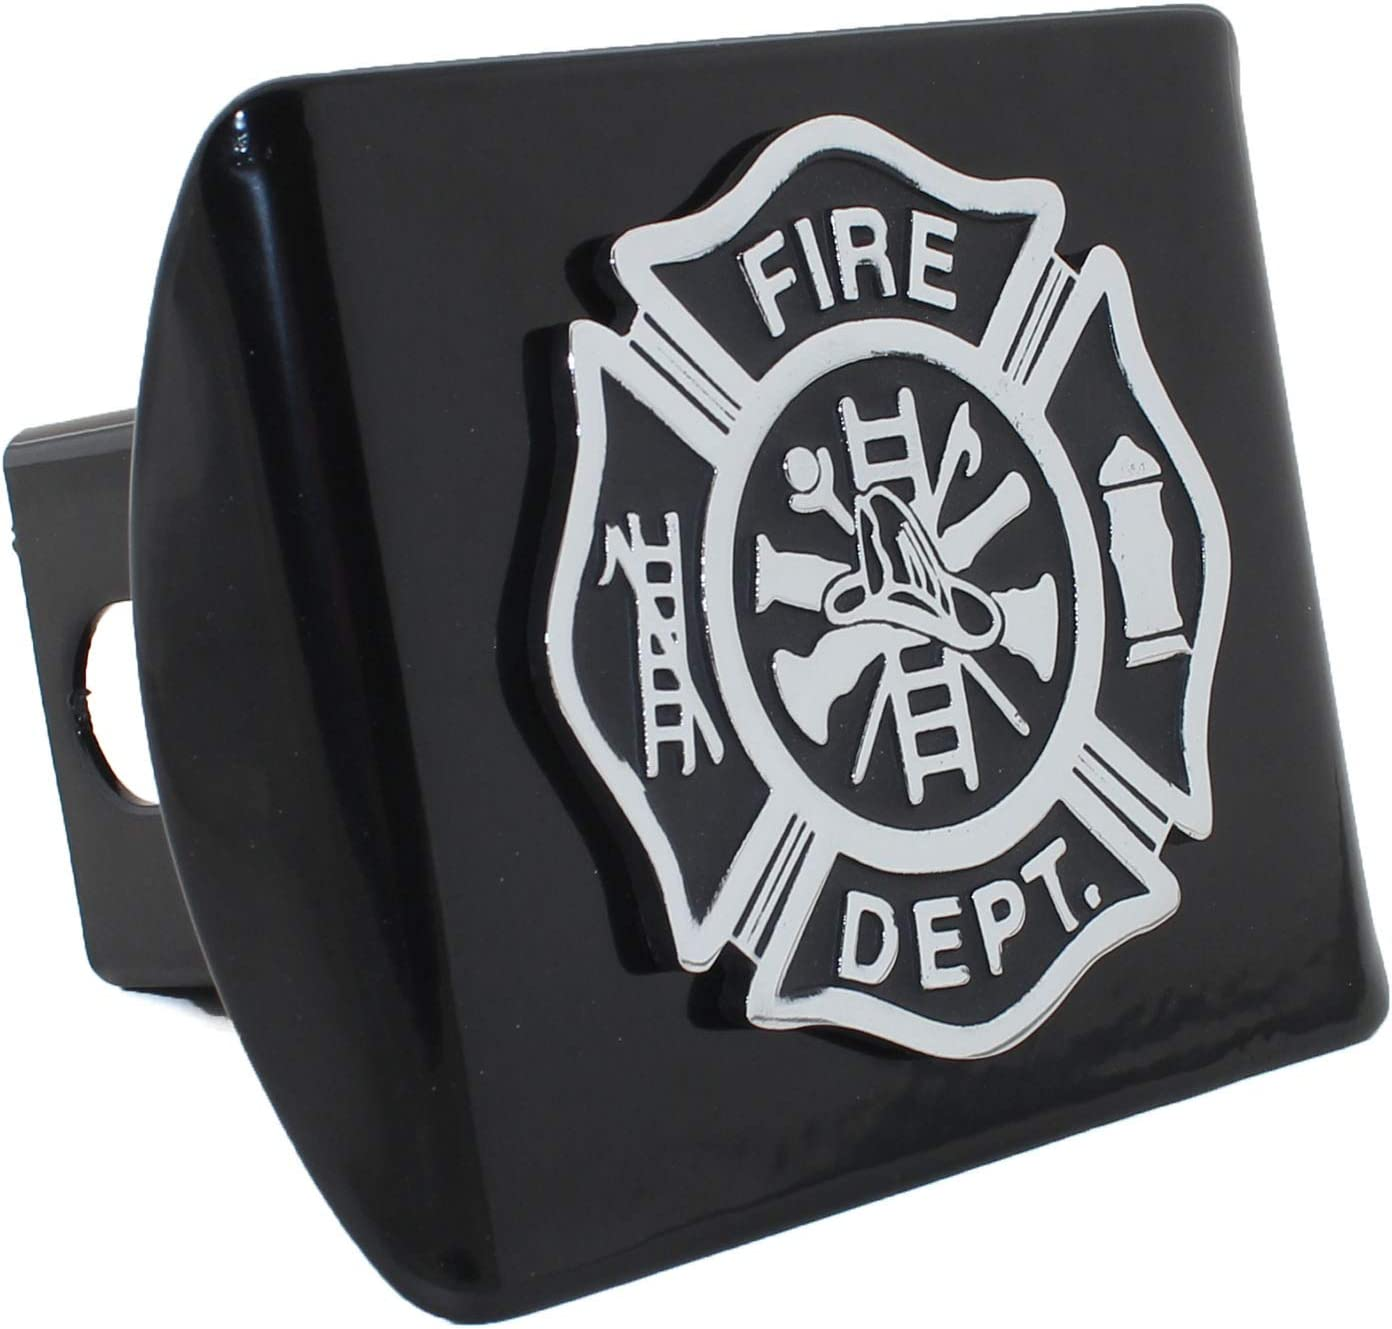 Elektroplate Firefighter Black Emblem Black All Metal Hitch Cover